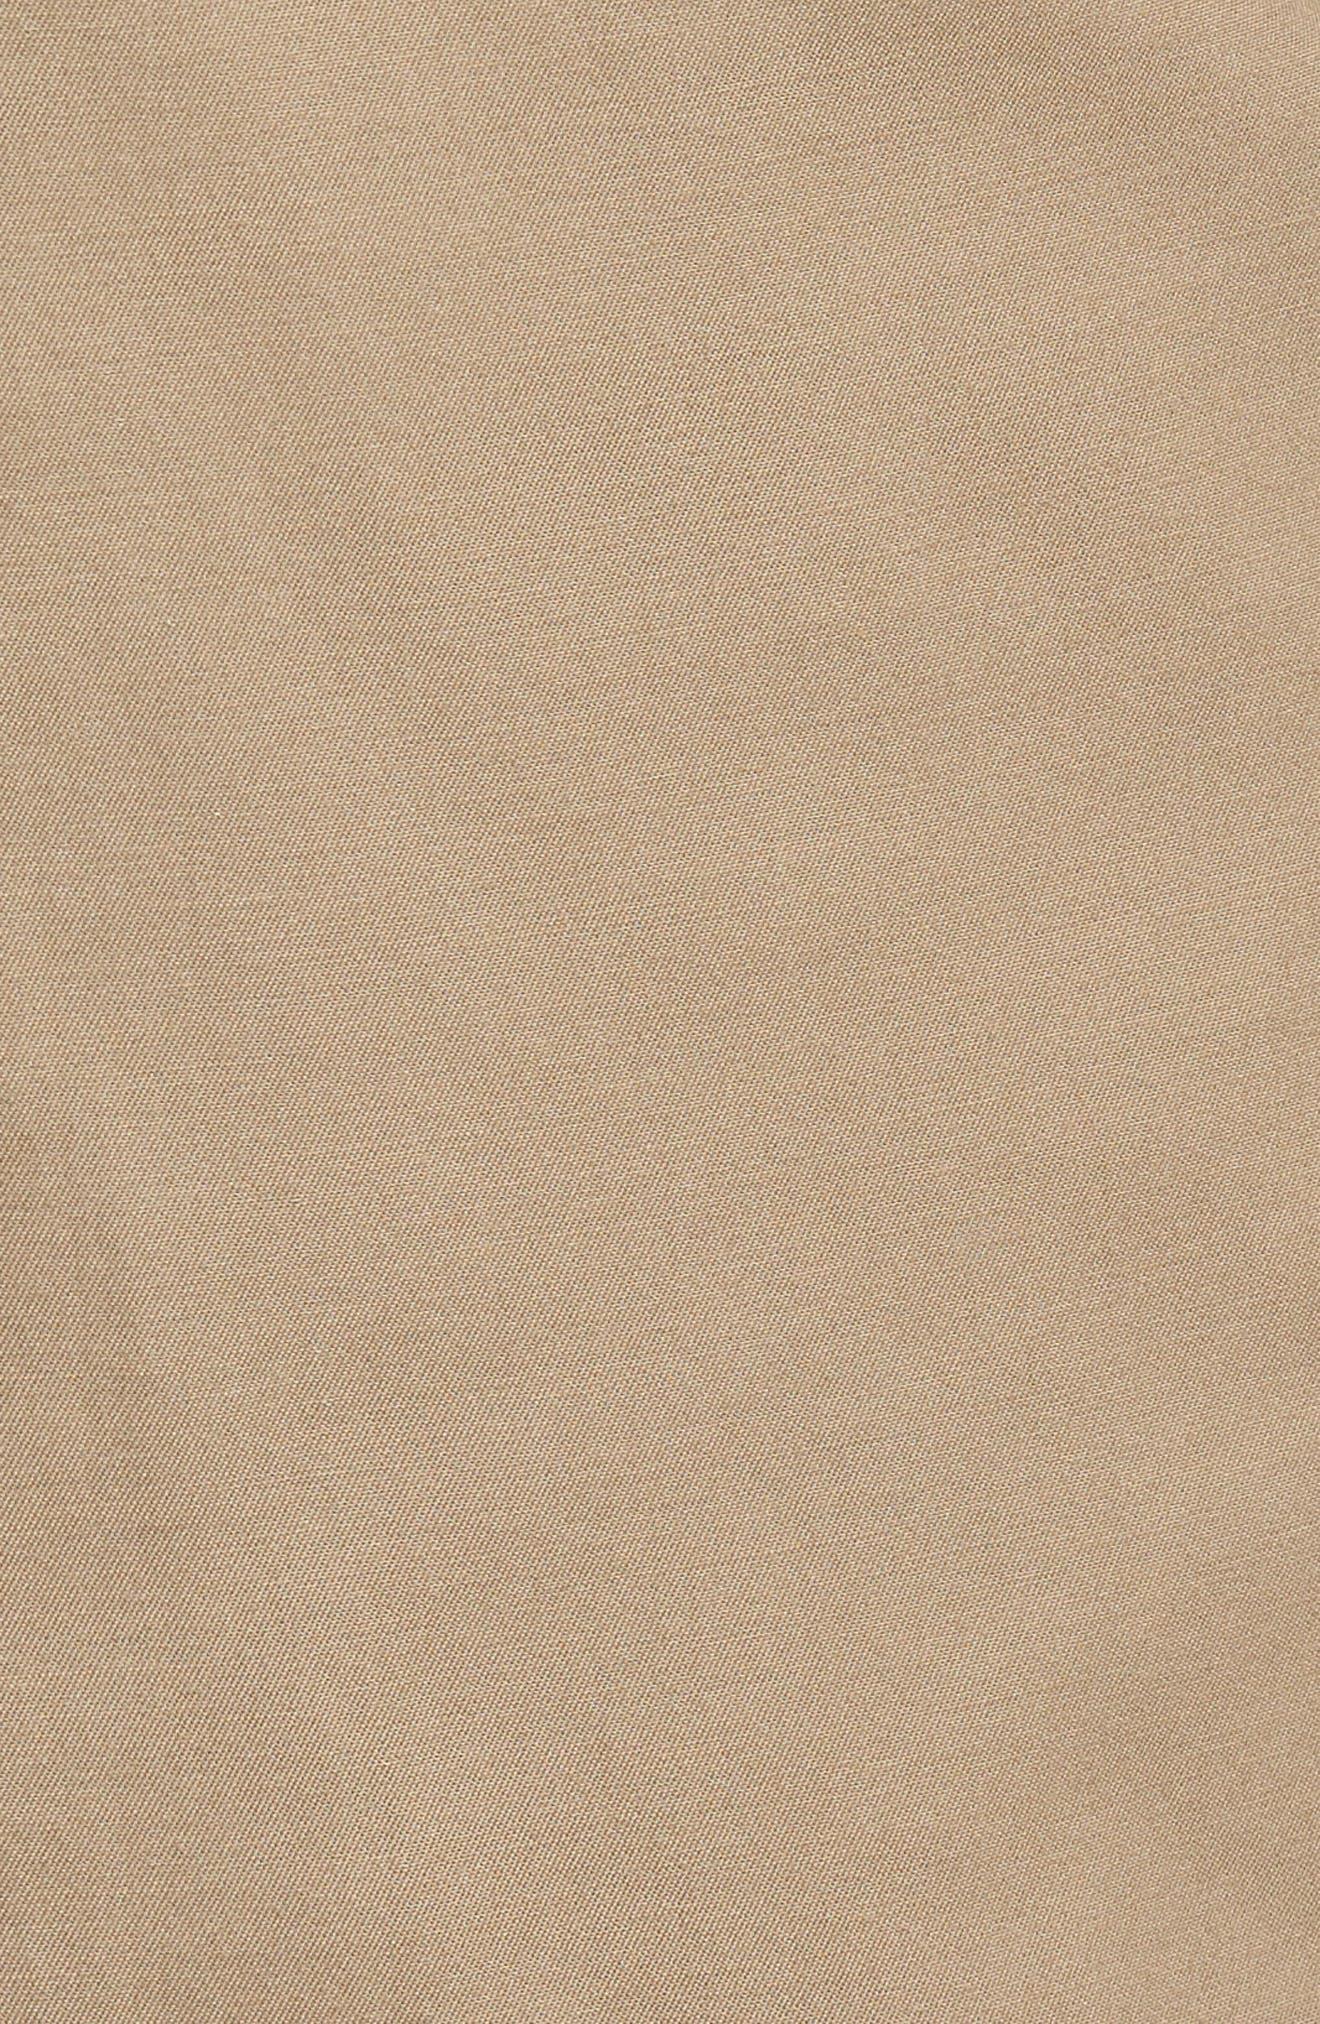 Huntington Shorts,                             Alternate thumbnail 5, color,                             Khaki